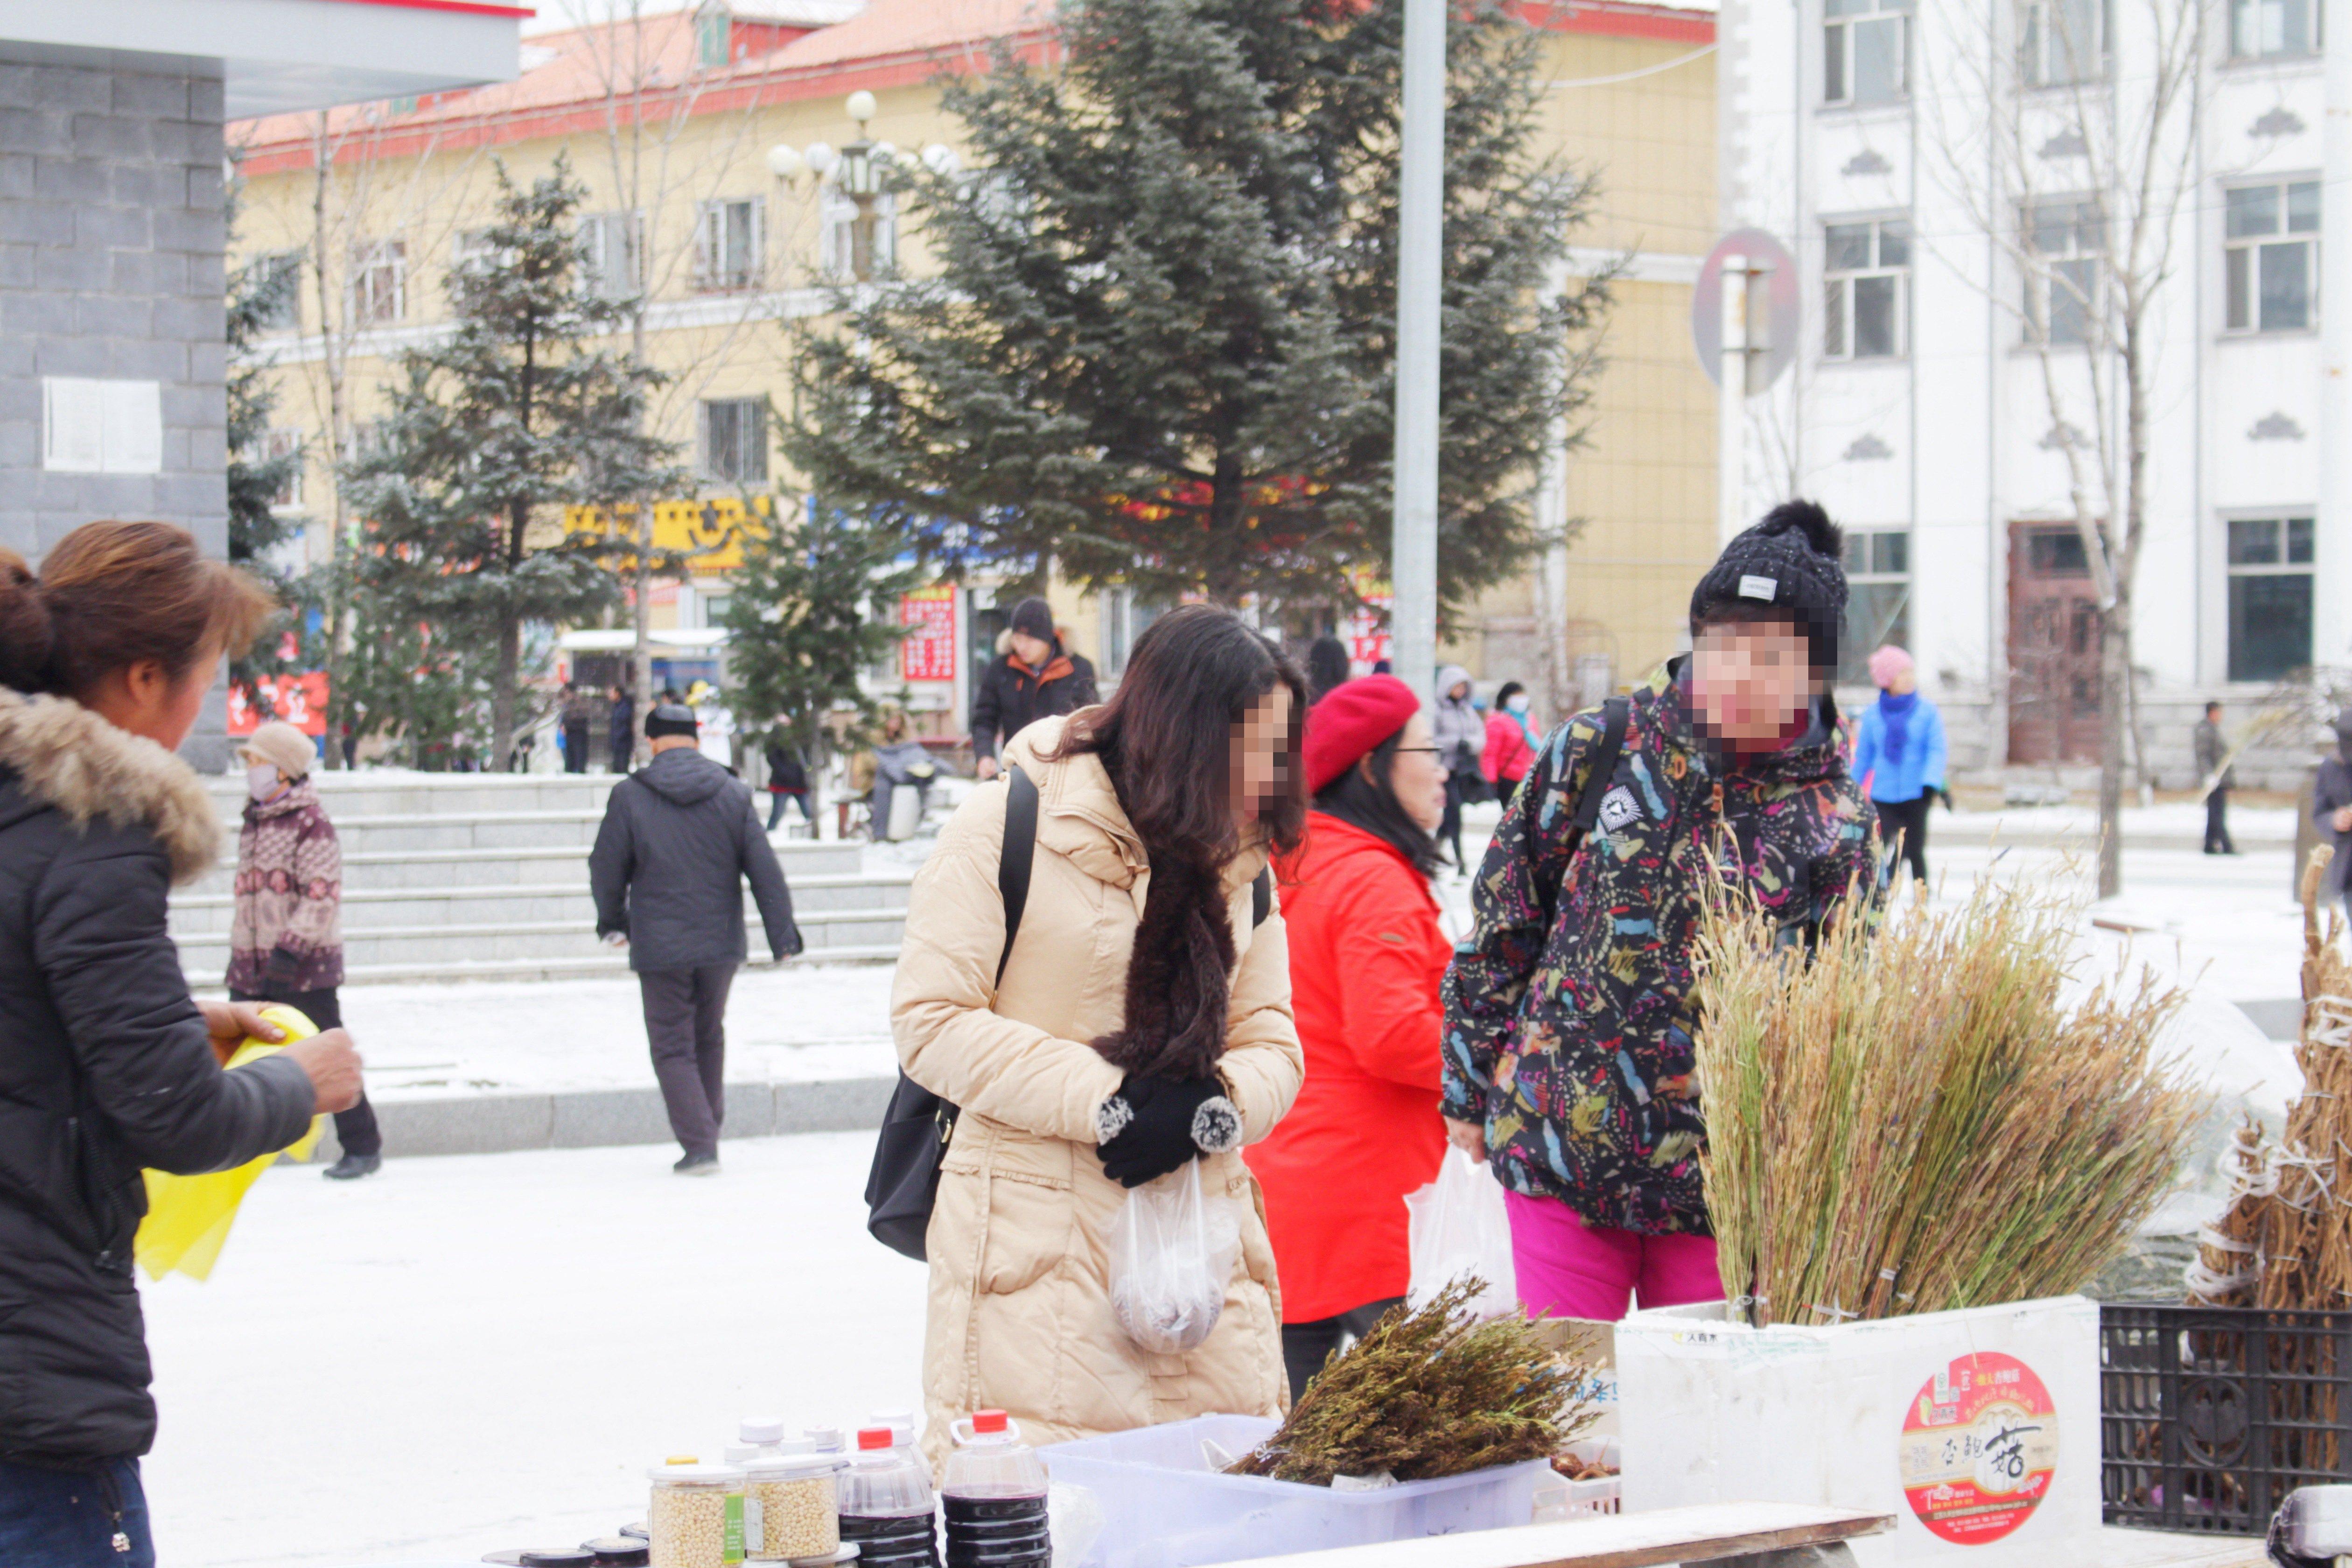 感受10月的中国最北的小城,在喧闹的集市中虚度时光